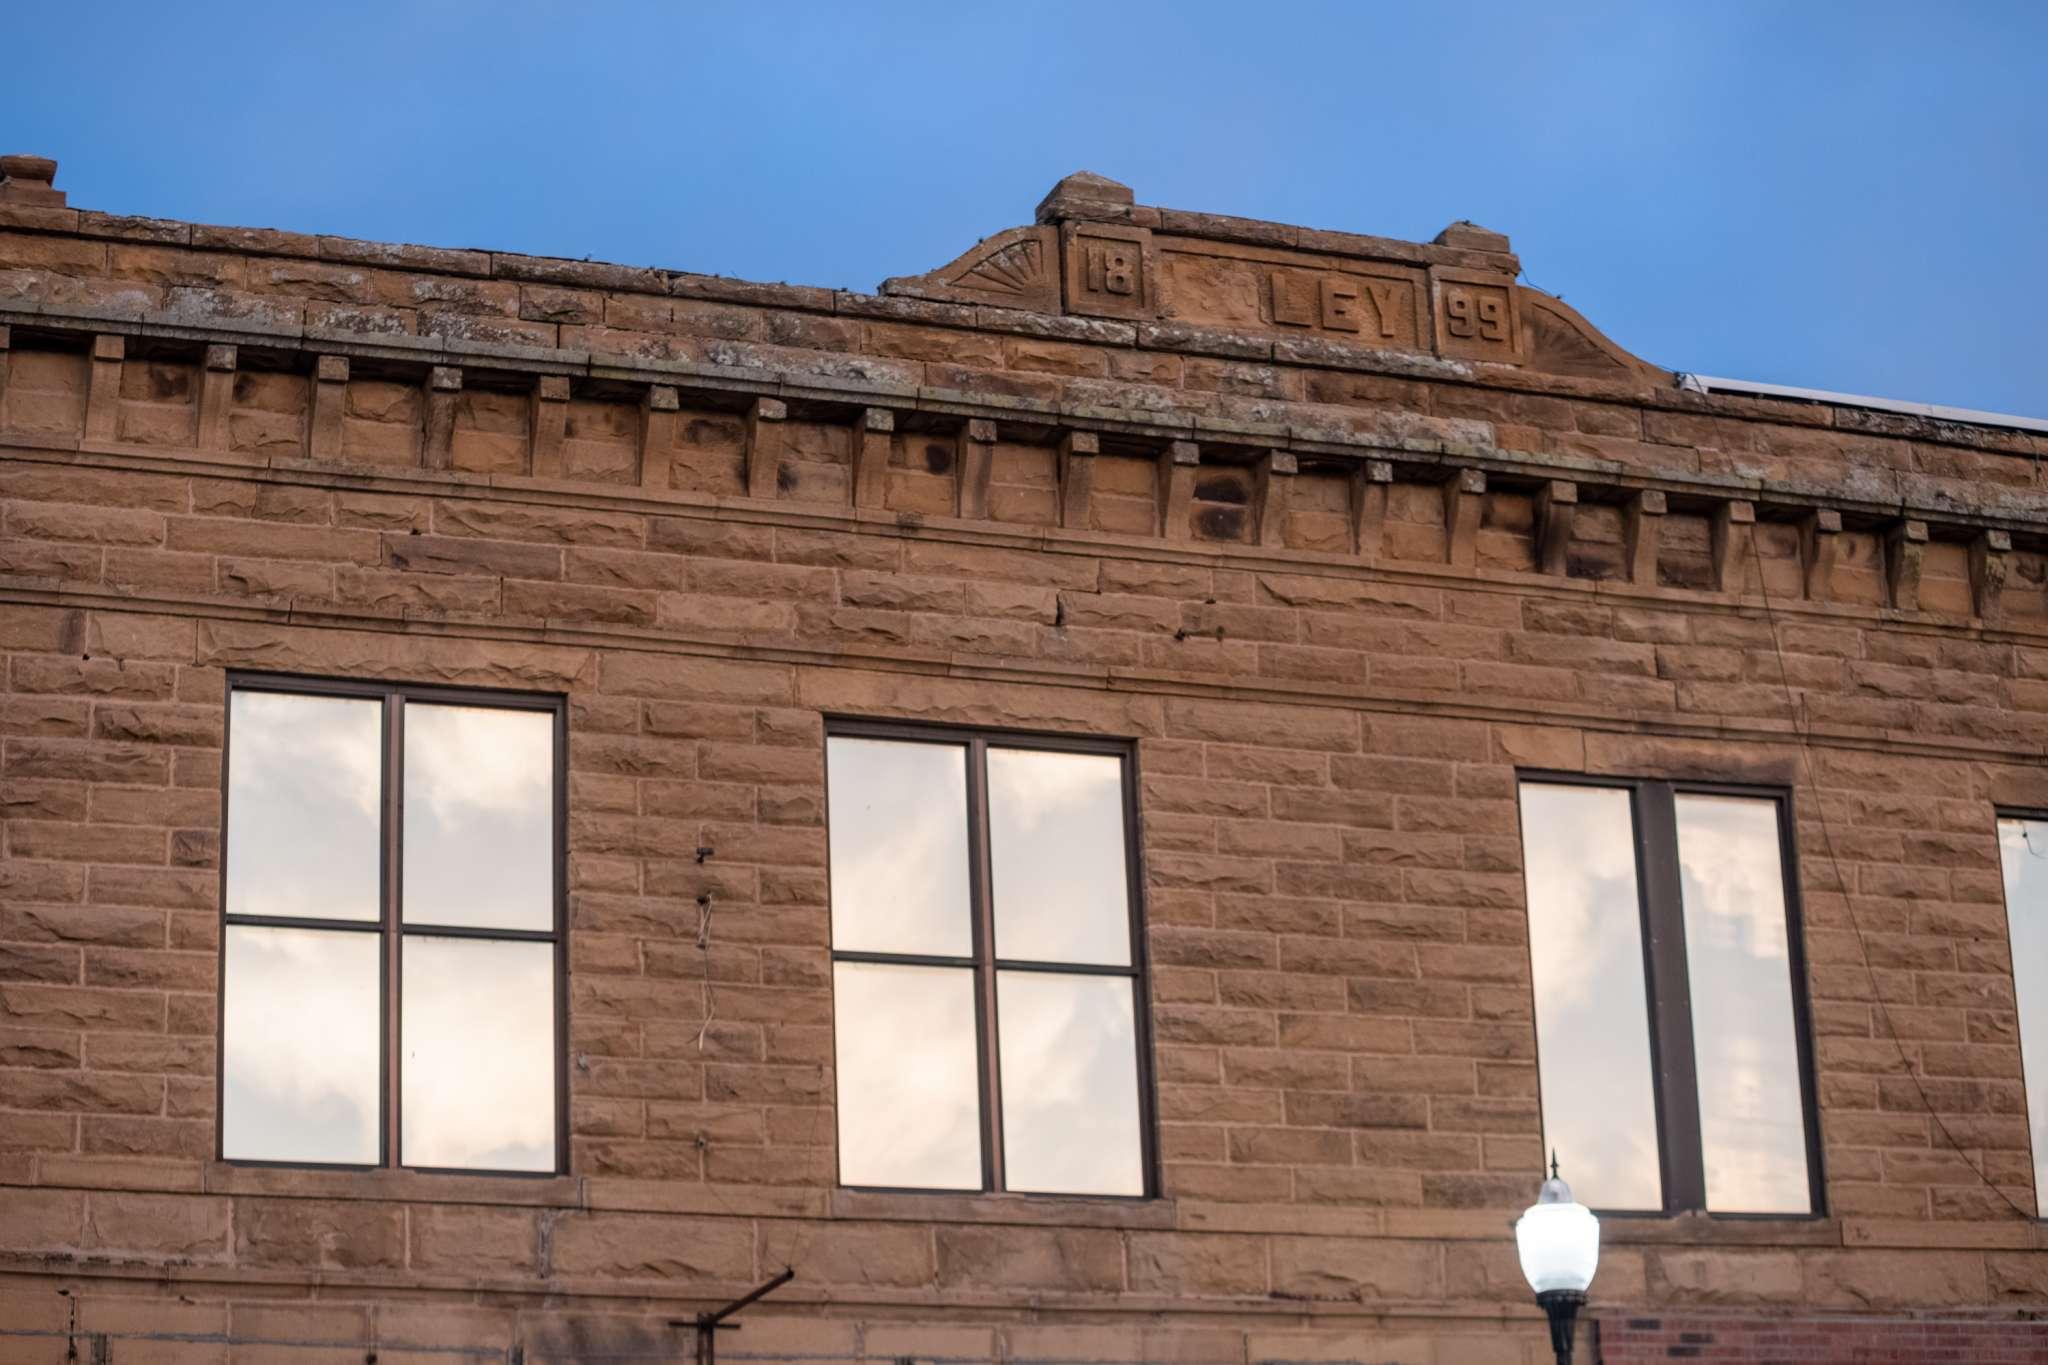 Eufaula, Oklahoma Historic Downtown Architecture